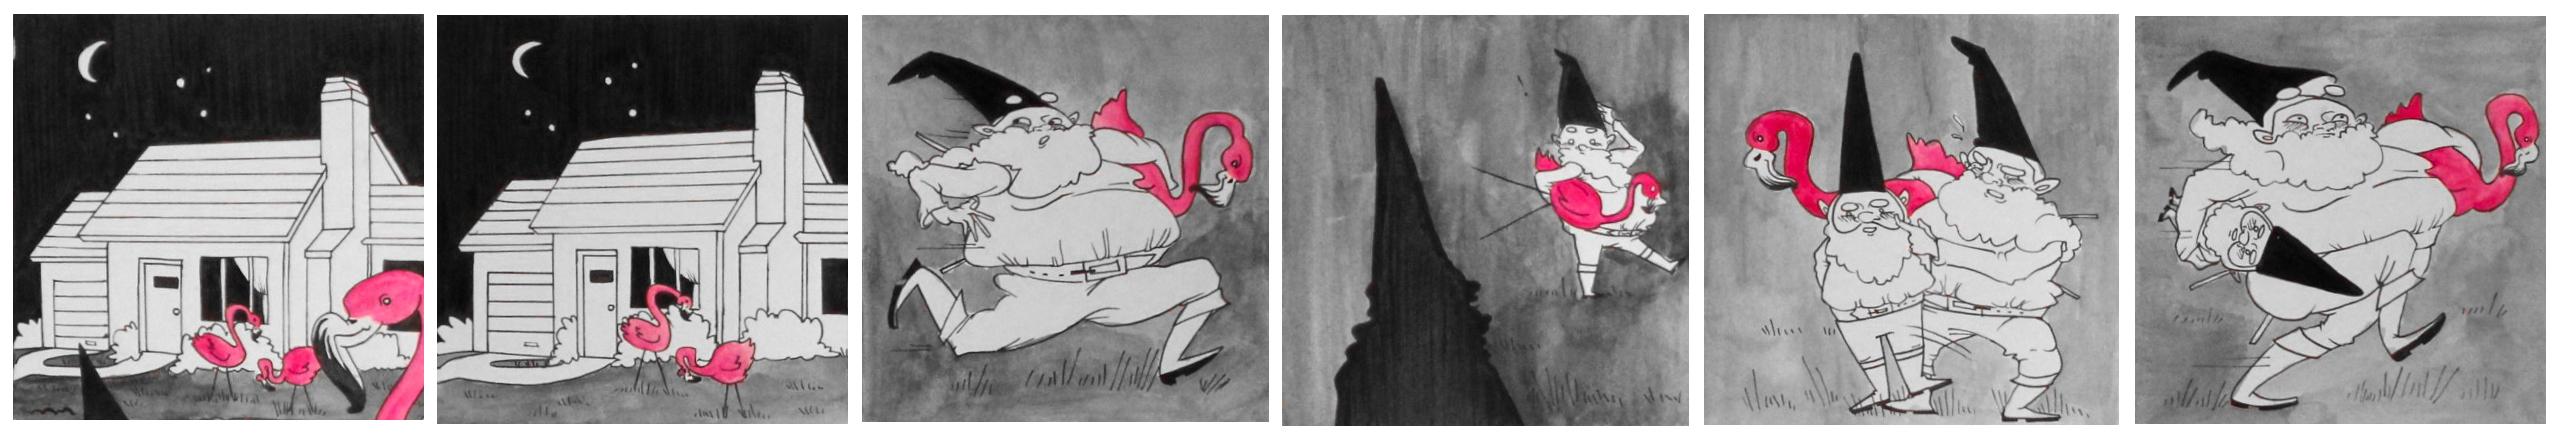 Gnome Mischief